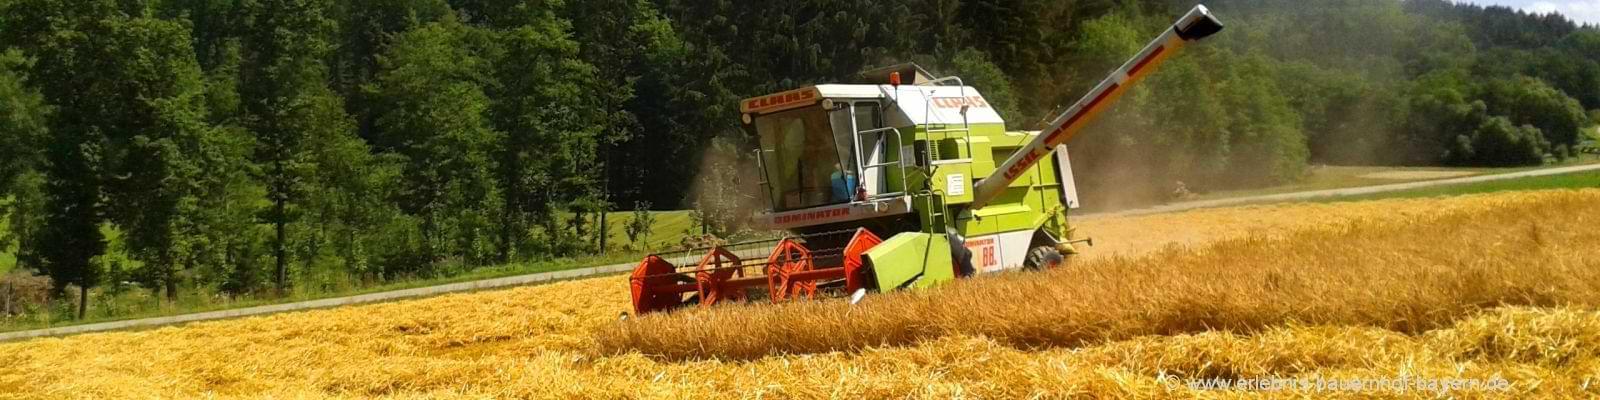 Erlebnis Bauernhof Bayern